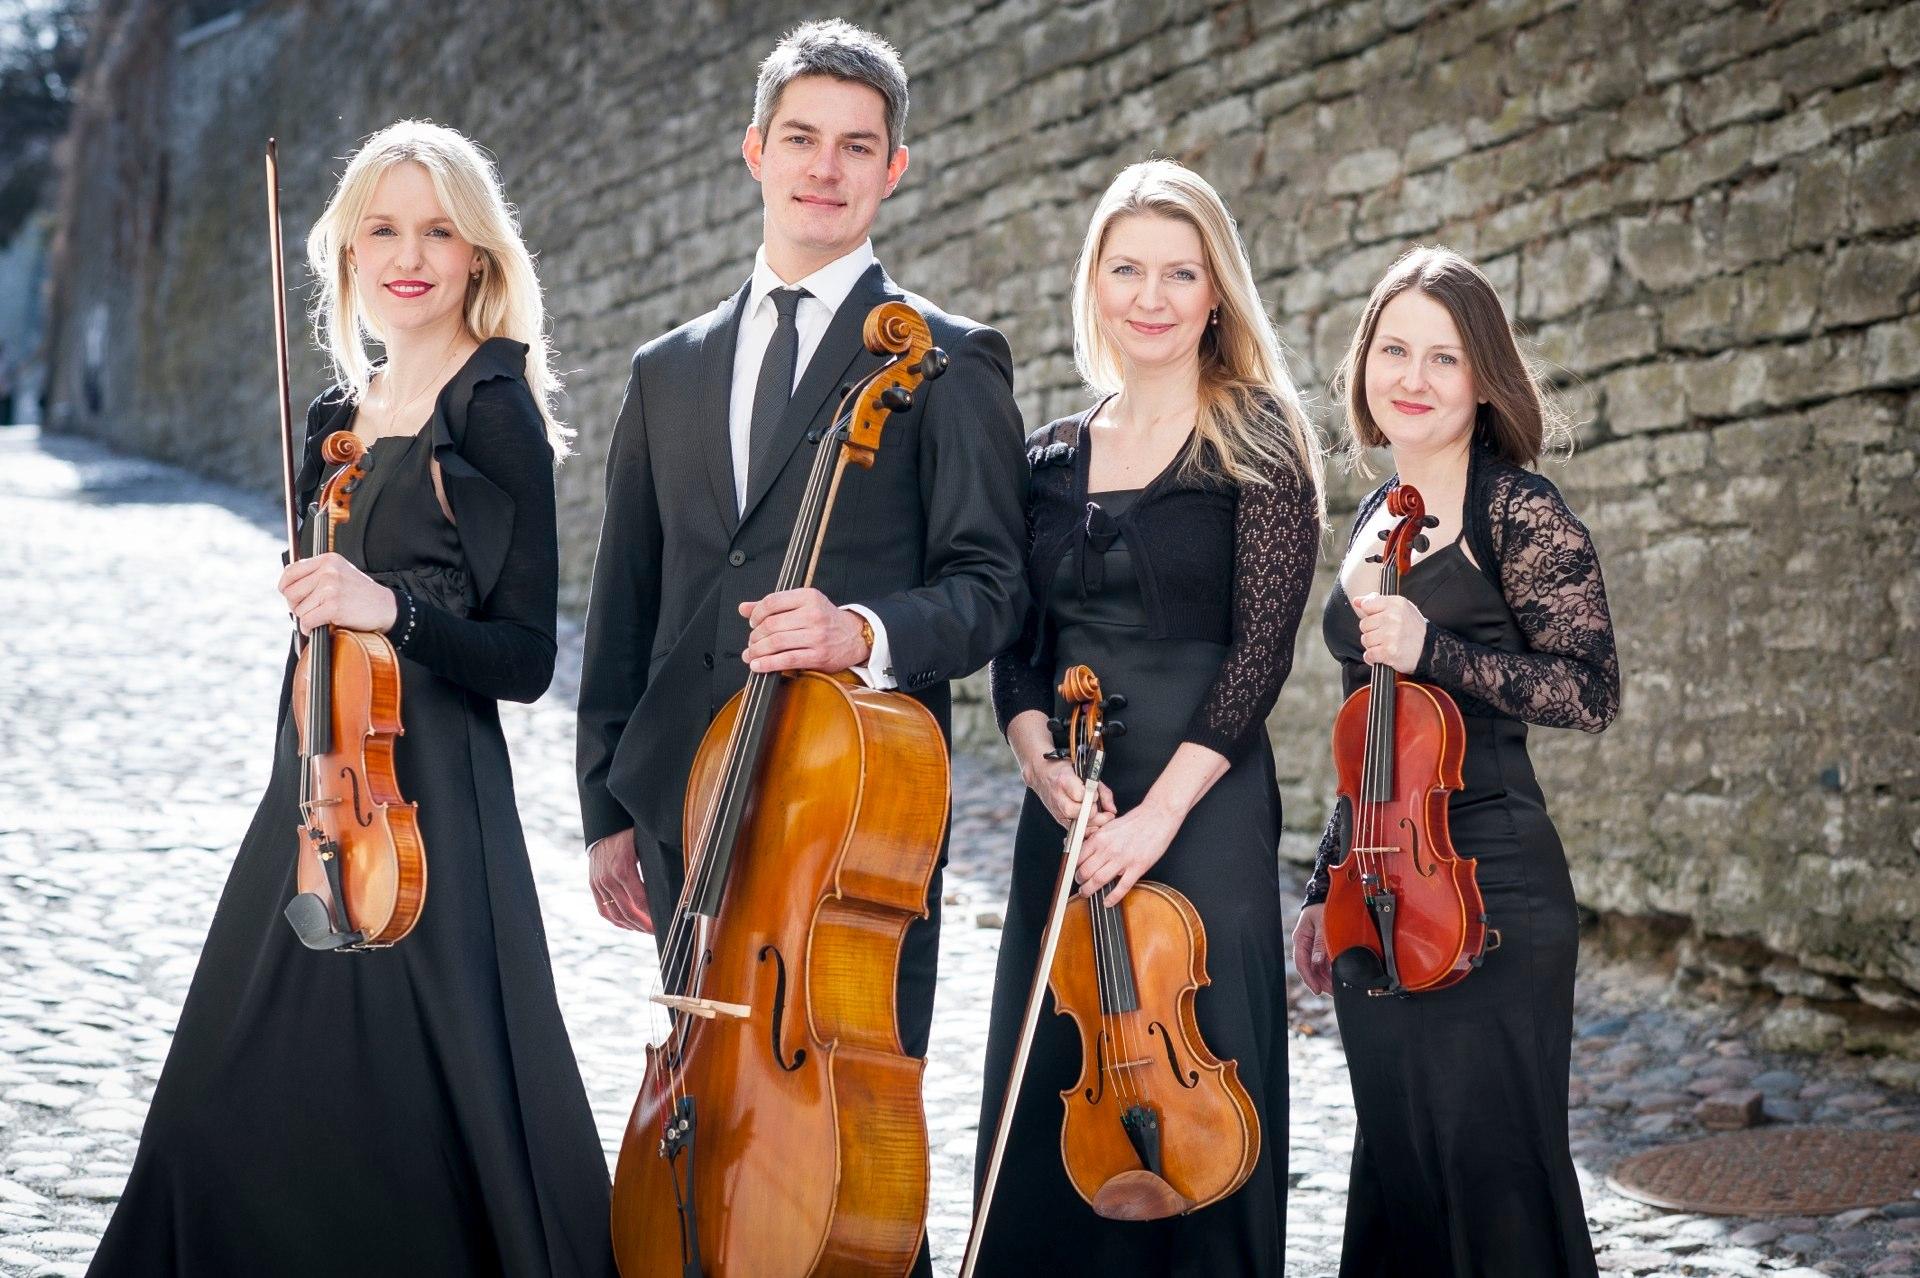 Toimub Baltic Sun festivali suurejooneline galakontsert